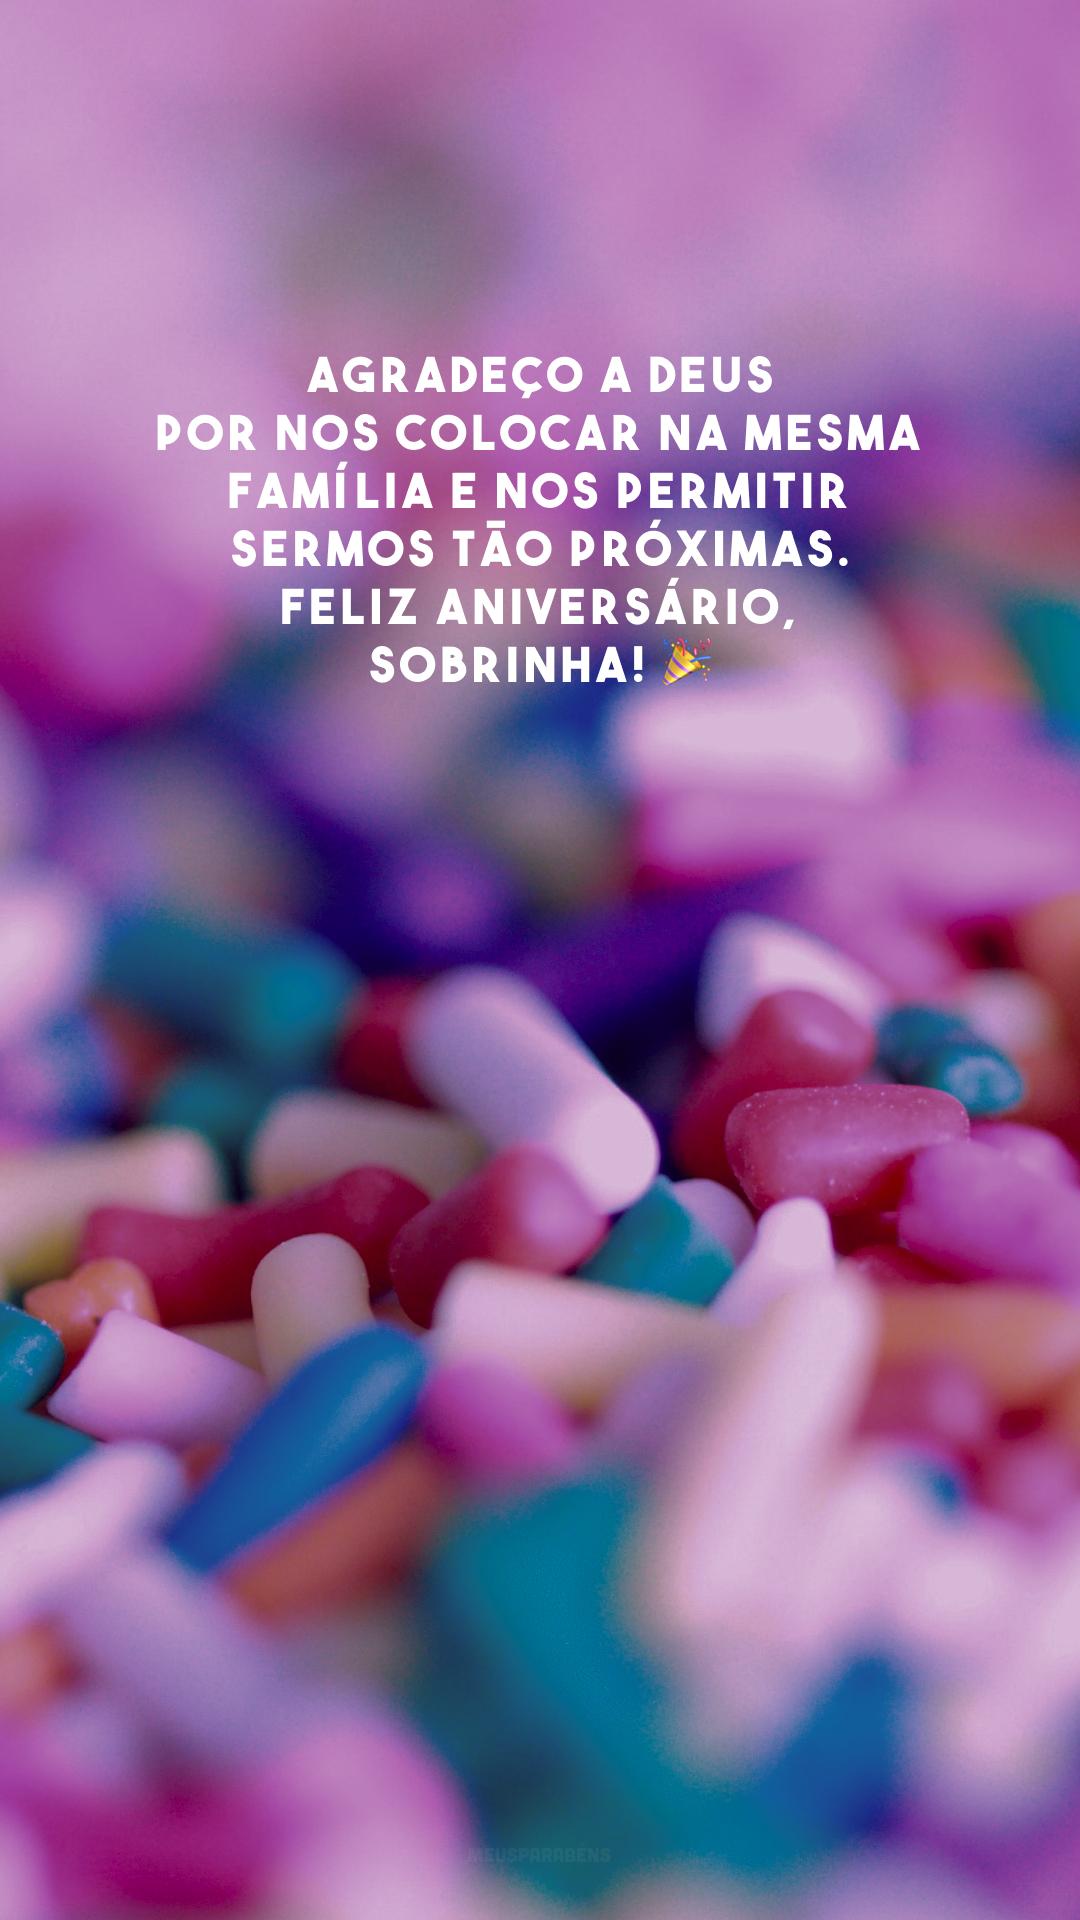 Agradeço a Deus por nos colocar na mesma família e nos permitir sermos tão próximas. Feliz aniversário, sobrinha! 🎉